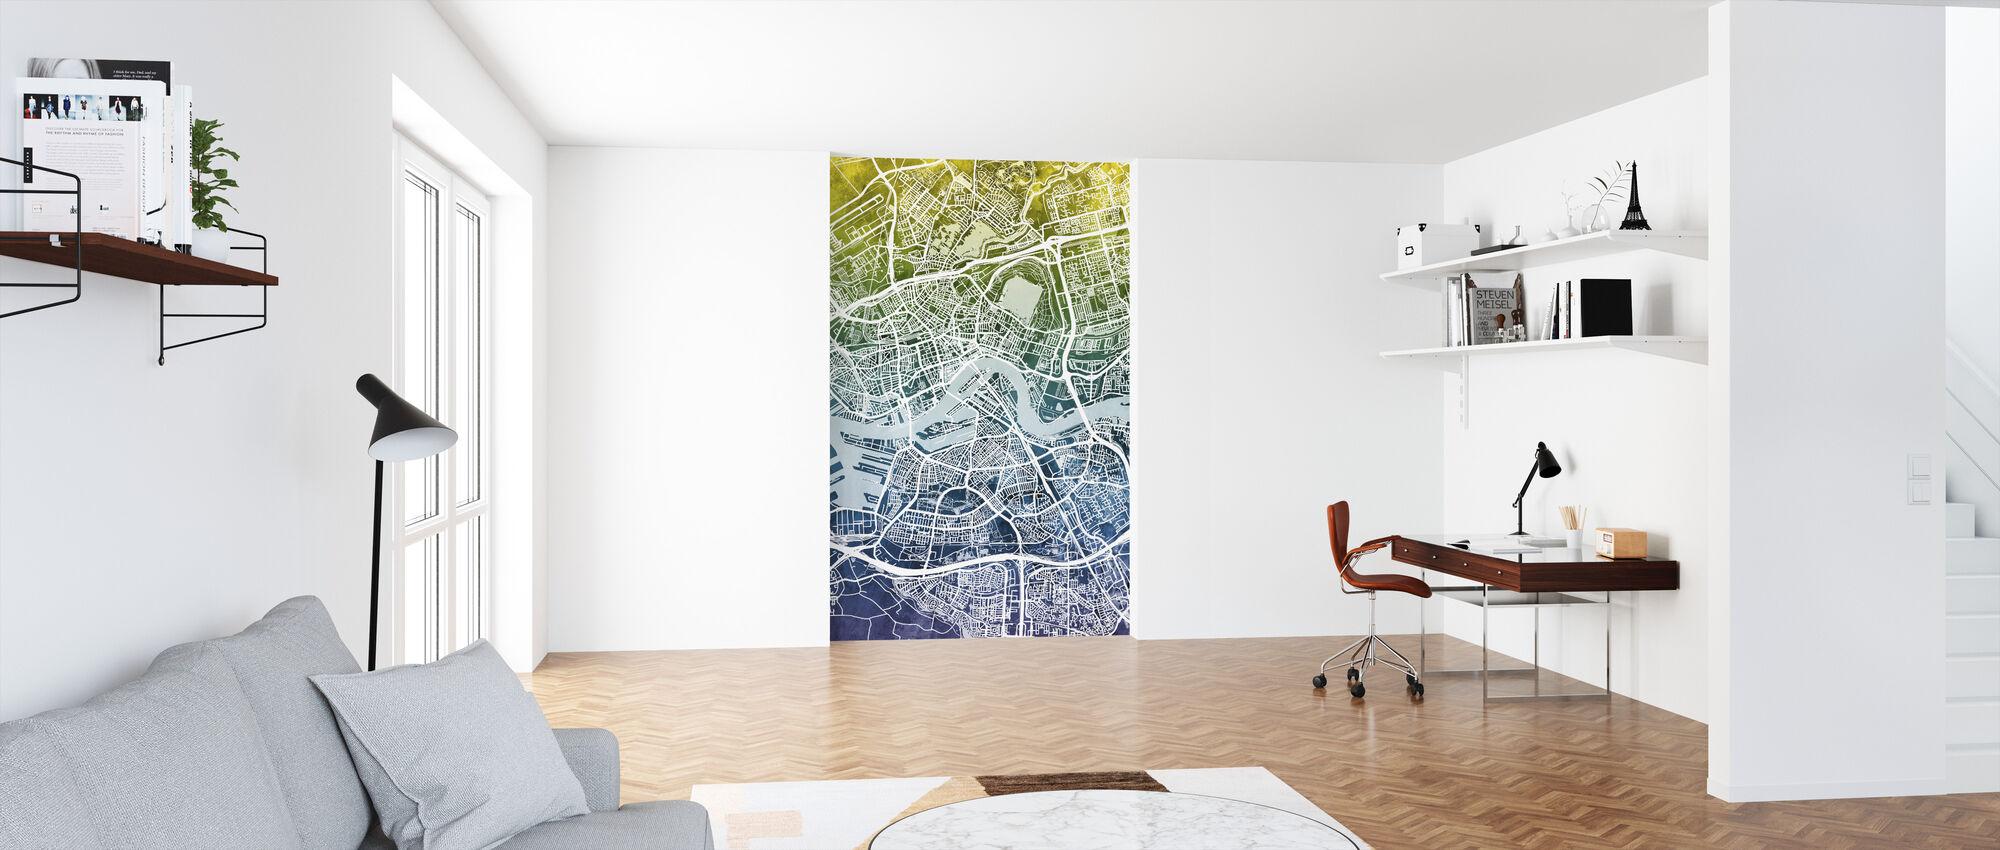 Rotterdam Netherlands City Map - Wallpaper - Office